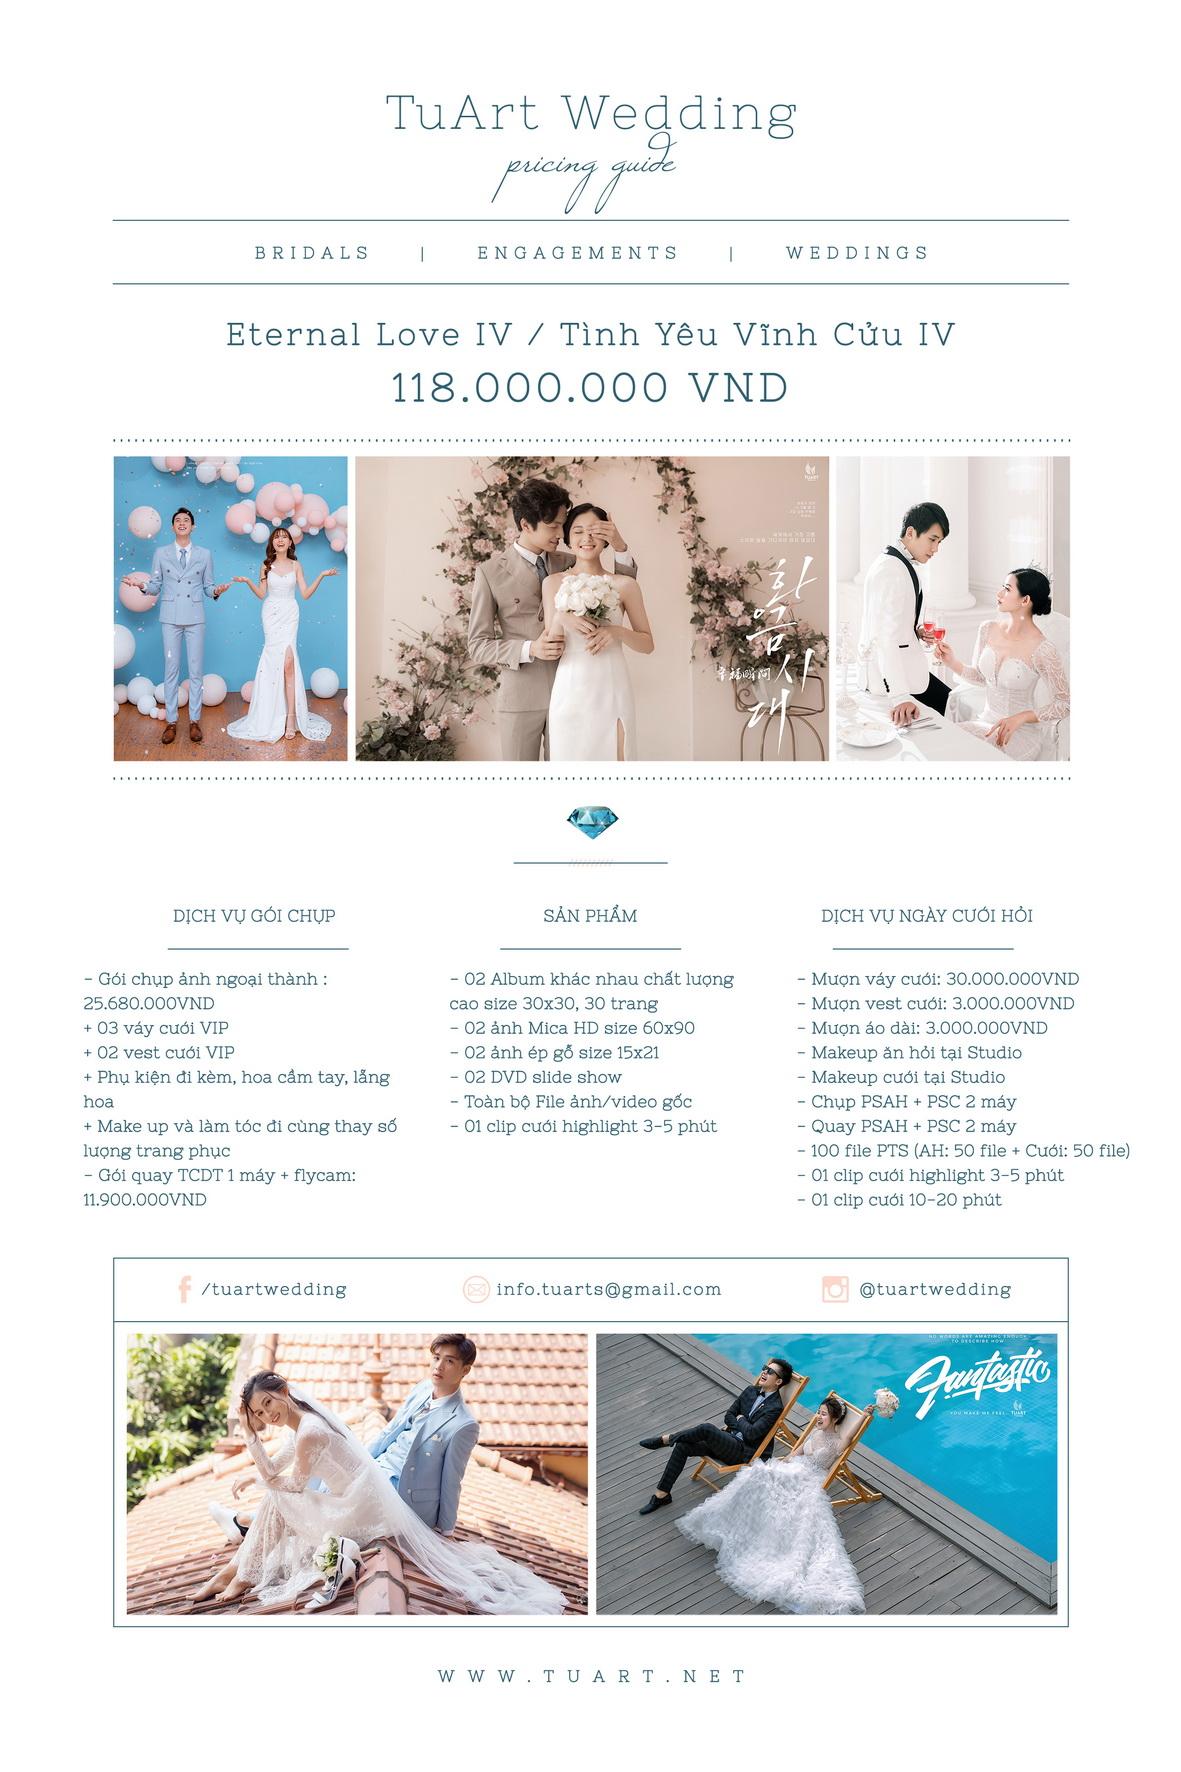 Eternal Love IV